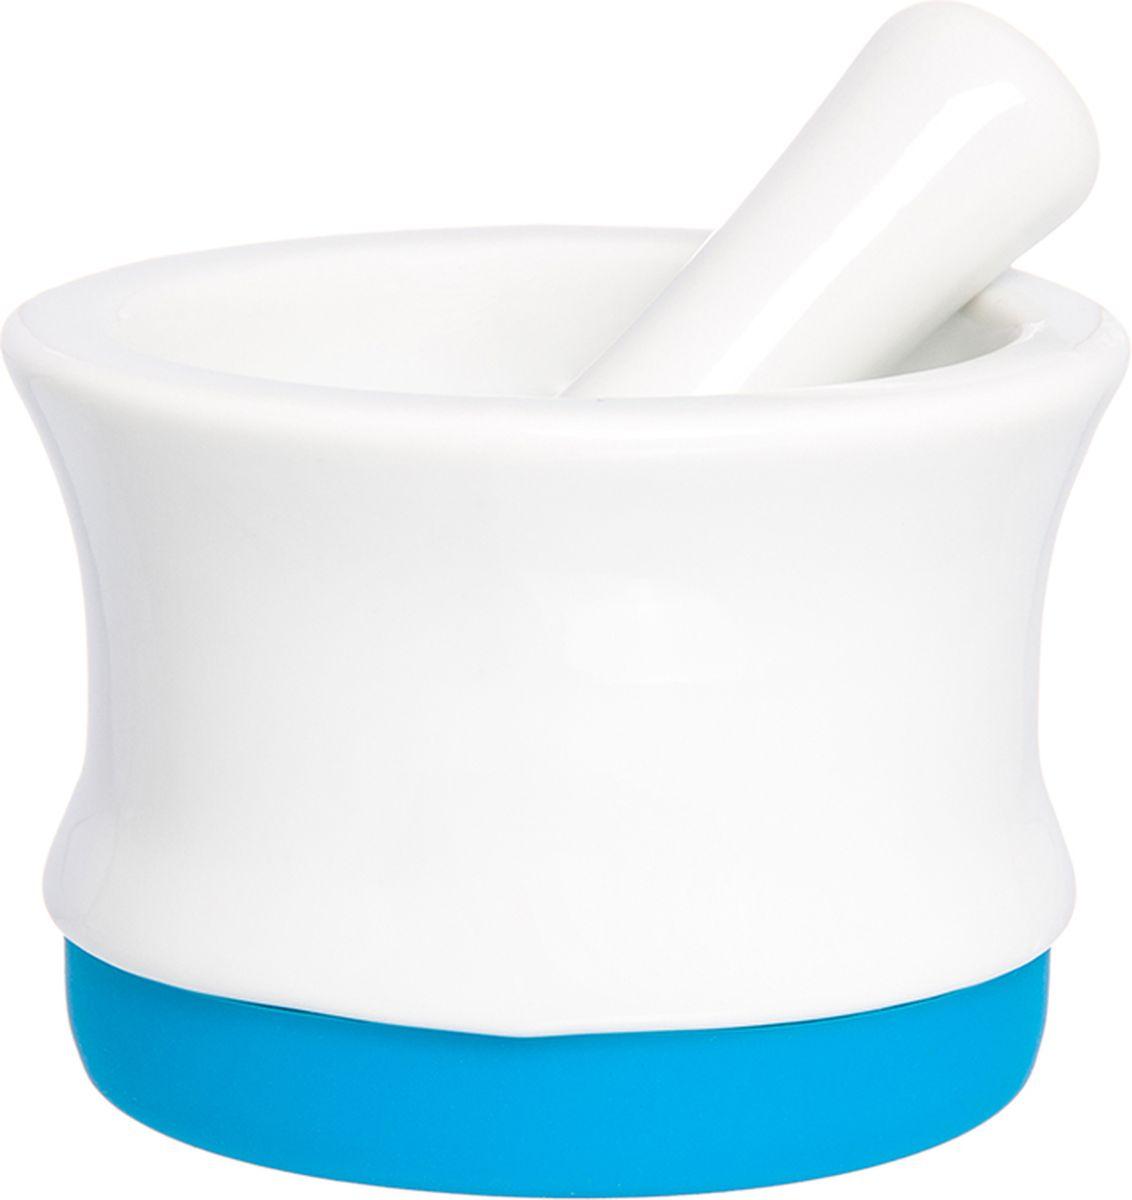 Ступка с пестиком Elan Gallery, с подставкой, цвет: белый, лазурный, 7,5 х 7,5 х 5,3 см900032Ступка с силиконовой ножкой-подставкой и пестиком очень удобна для измельчения специй. Незаменимый помощник на кухне. Отличный подарок для искусных кулинаров.